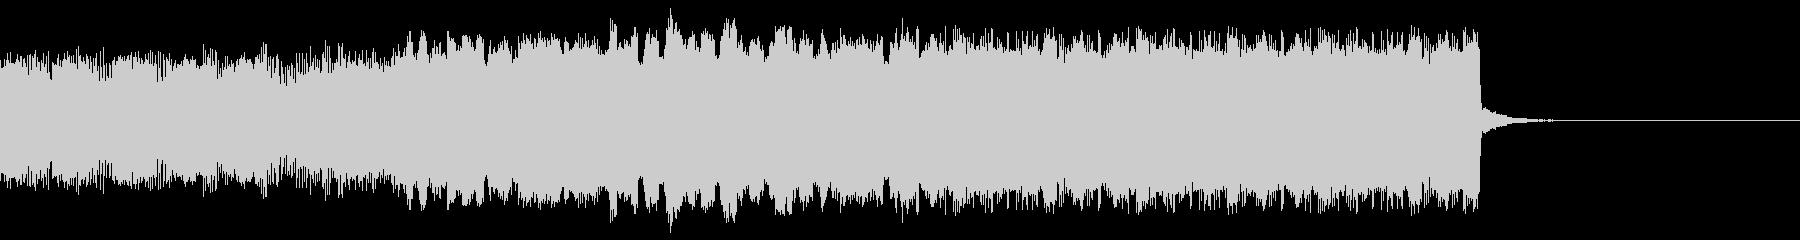 パチンコ的メロディインパクト音02の未再生の波形